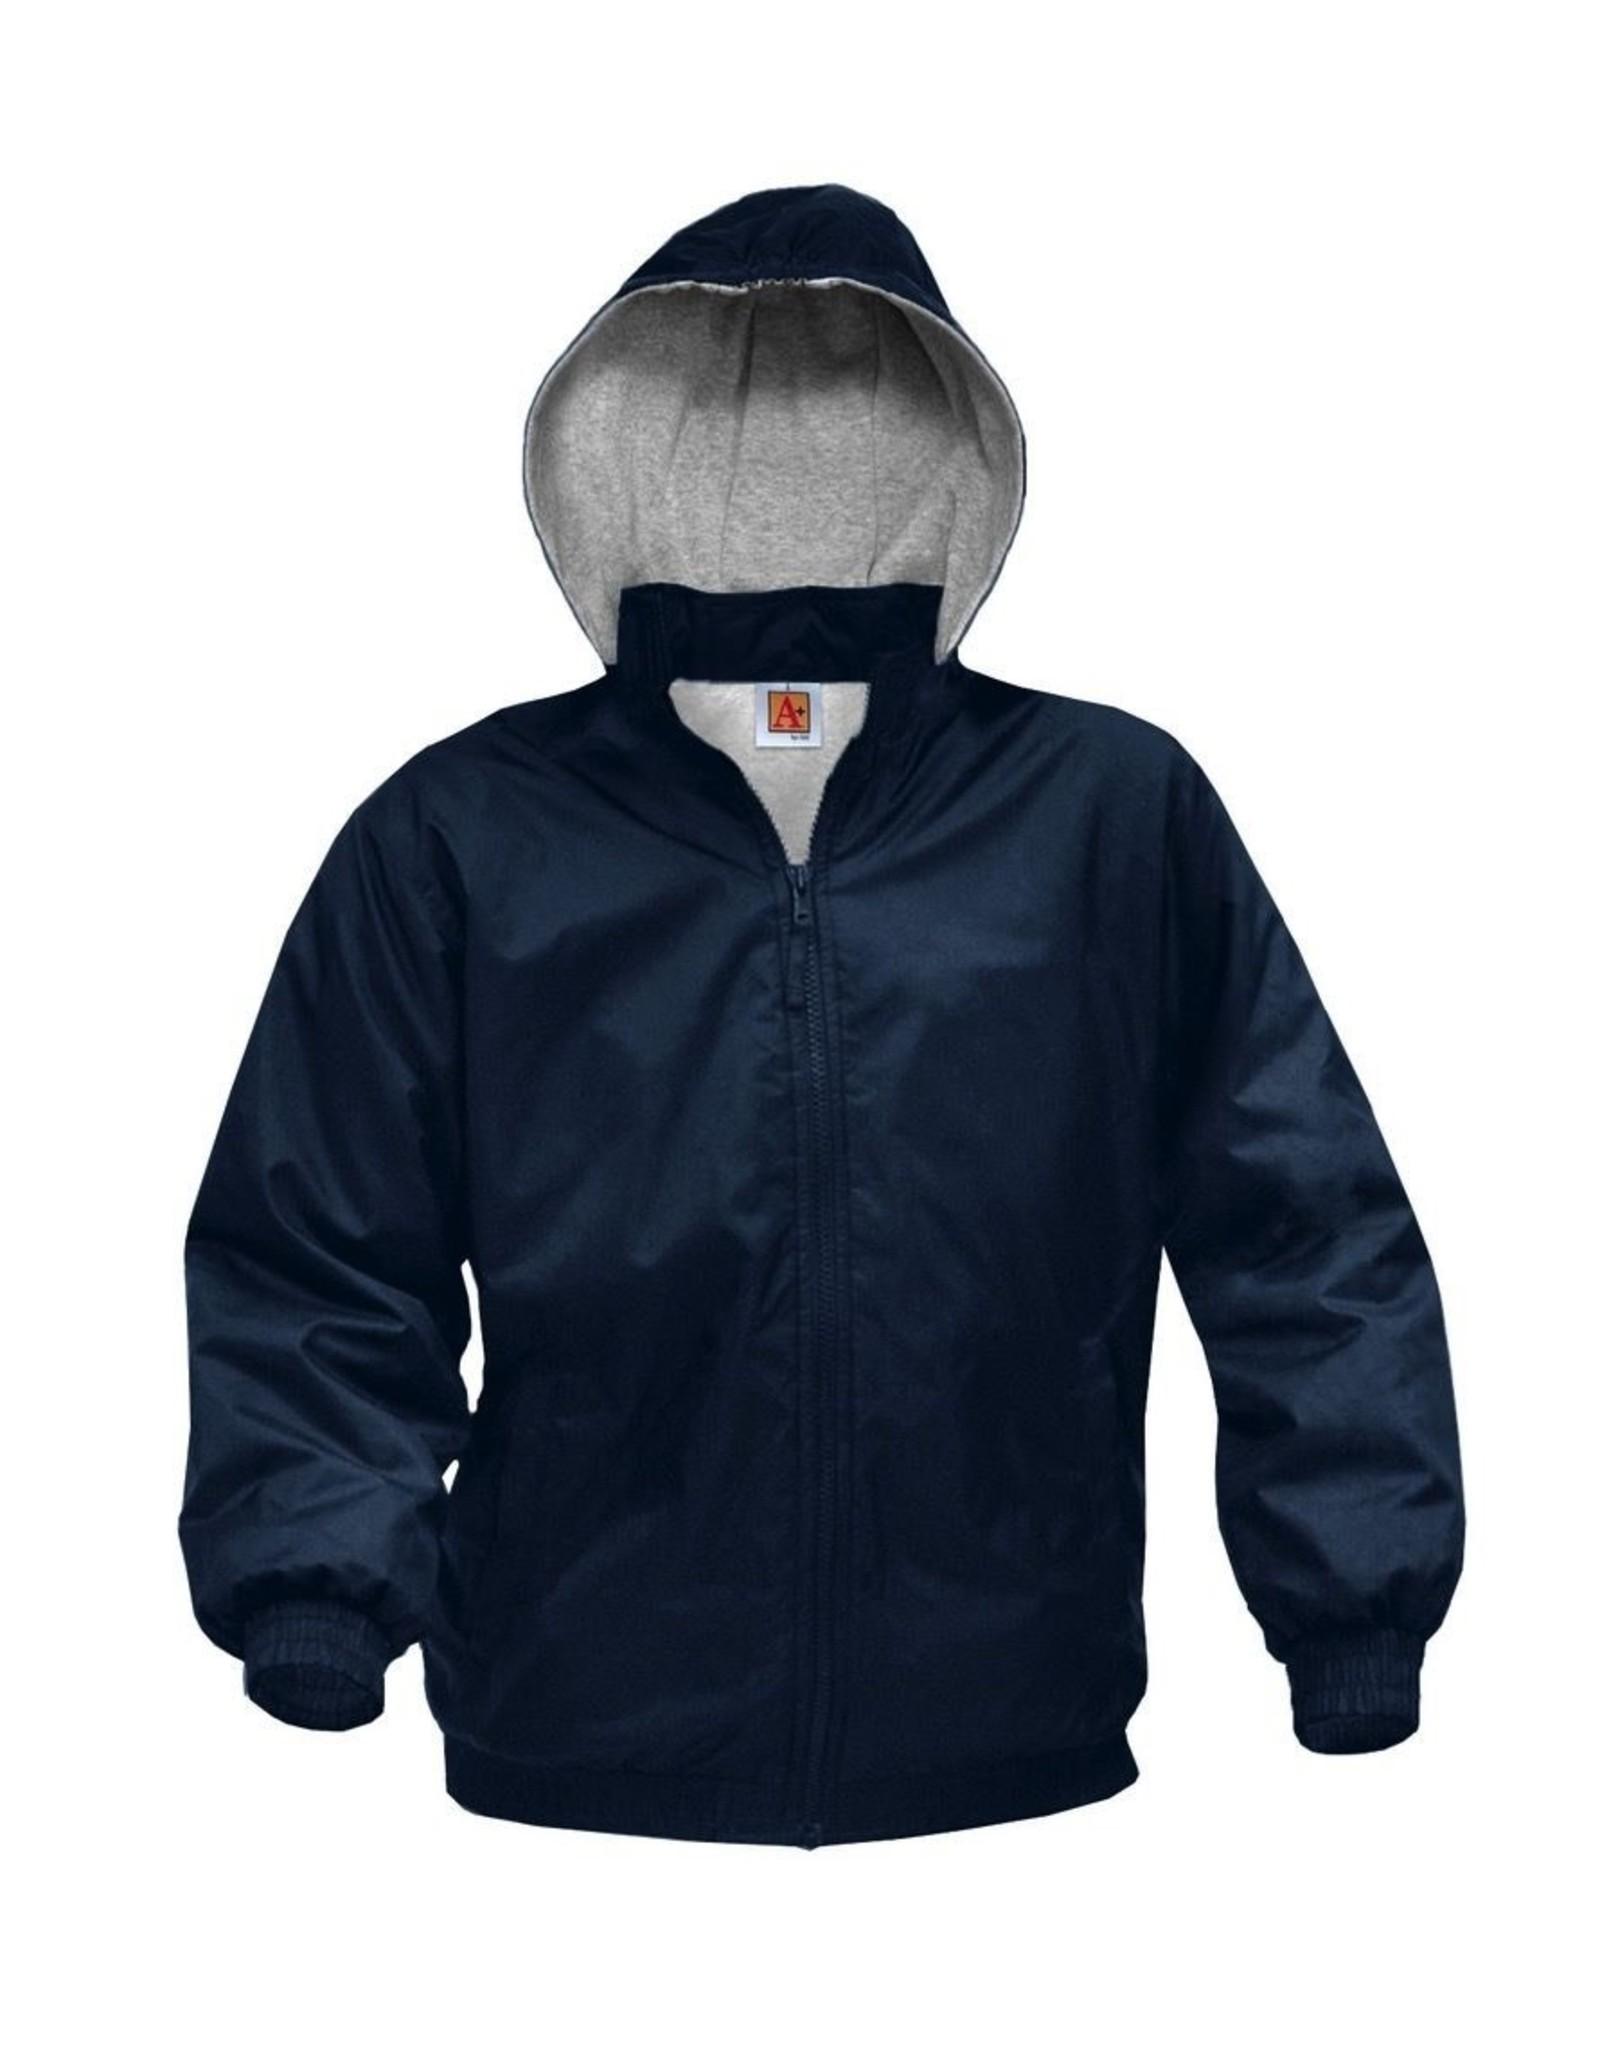 NON-UNIFORM Jacket - JD Water Repel Coat Detachable Hood